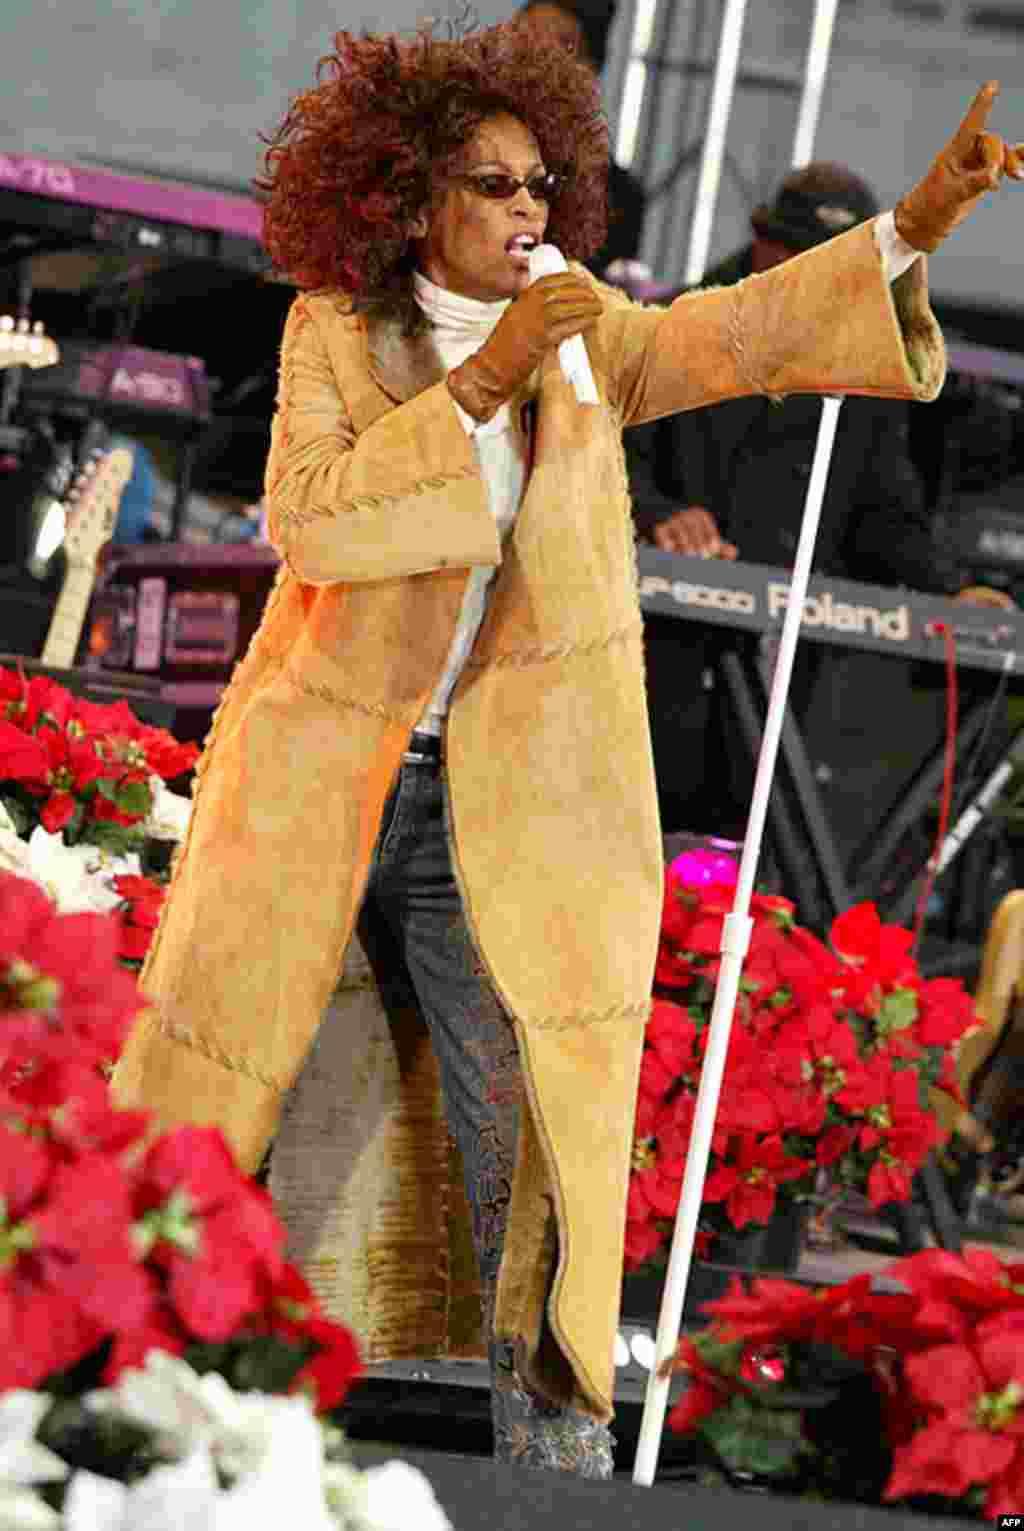 """Співачка виконує пісню з альбому """"Just Whitney"""" спеціально для передачі """"Good Morning America"""". Нью-Йорк, 8-ме грудня, 2002-го року. (AP)"""